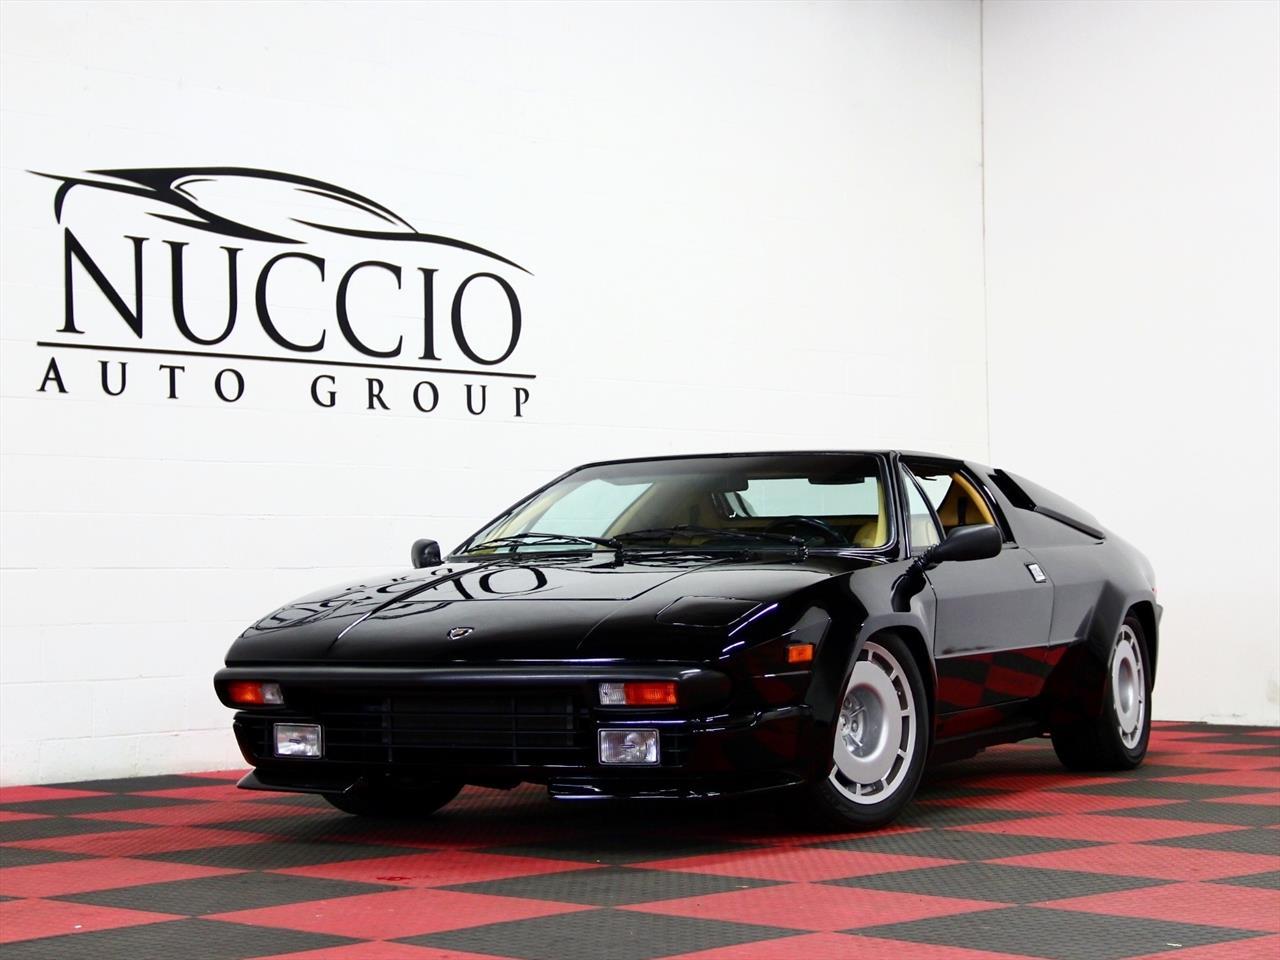 1987 Lamborghini Jalpa